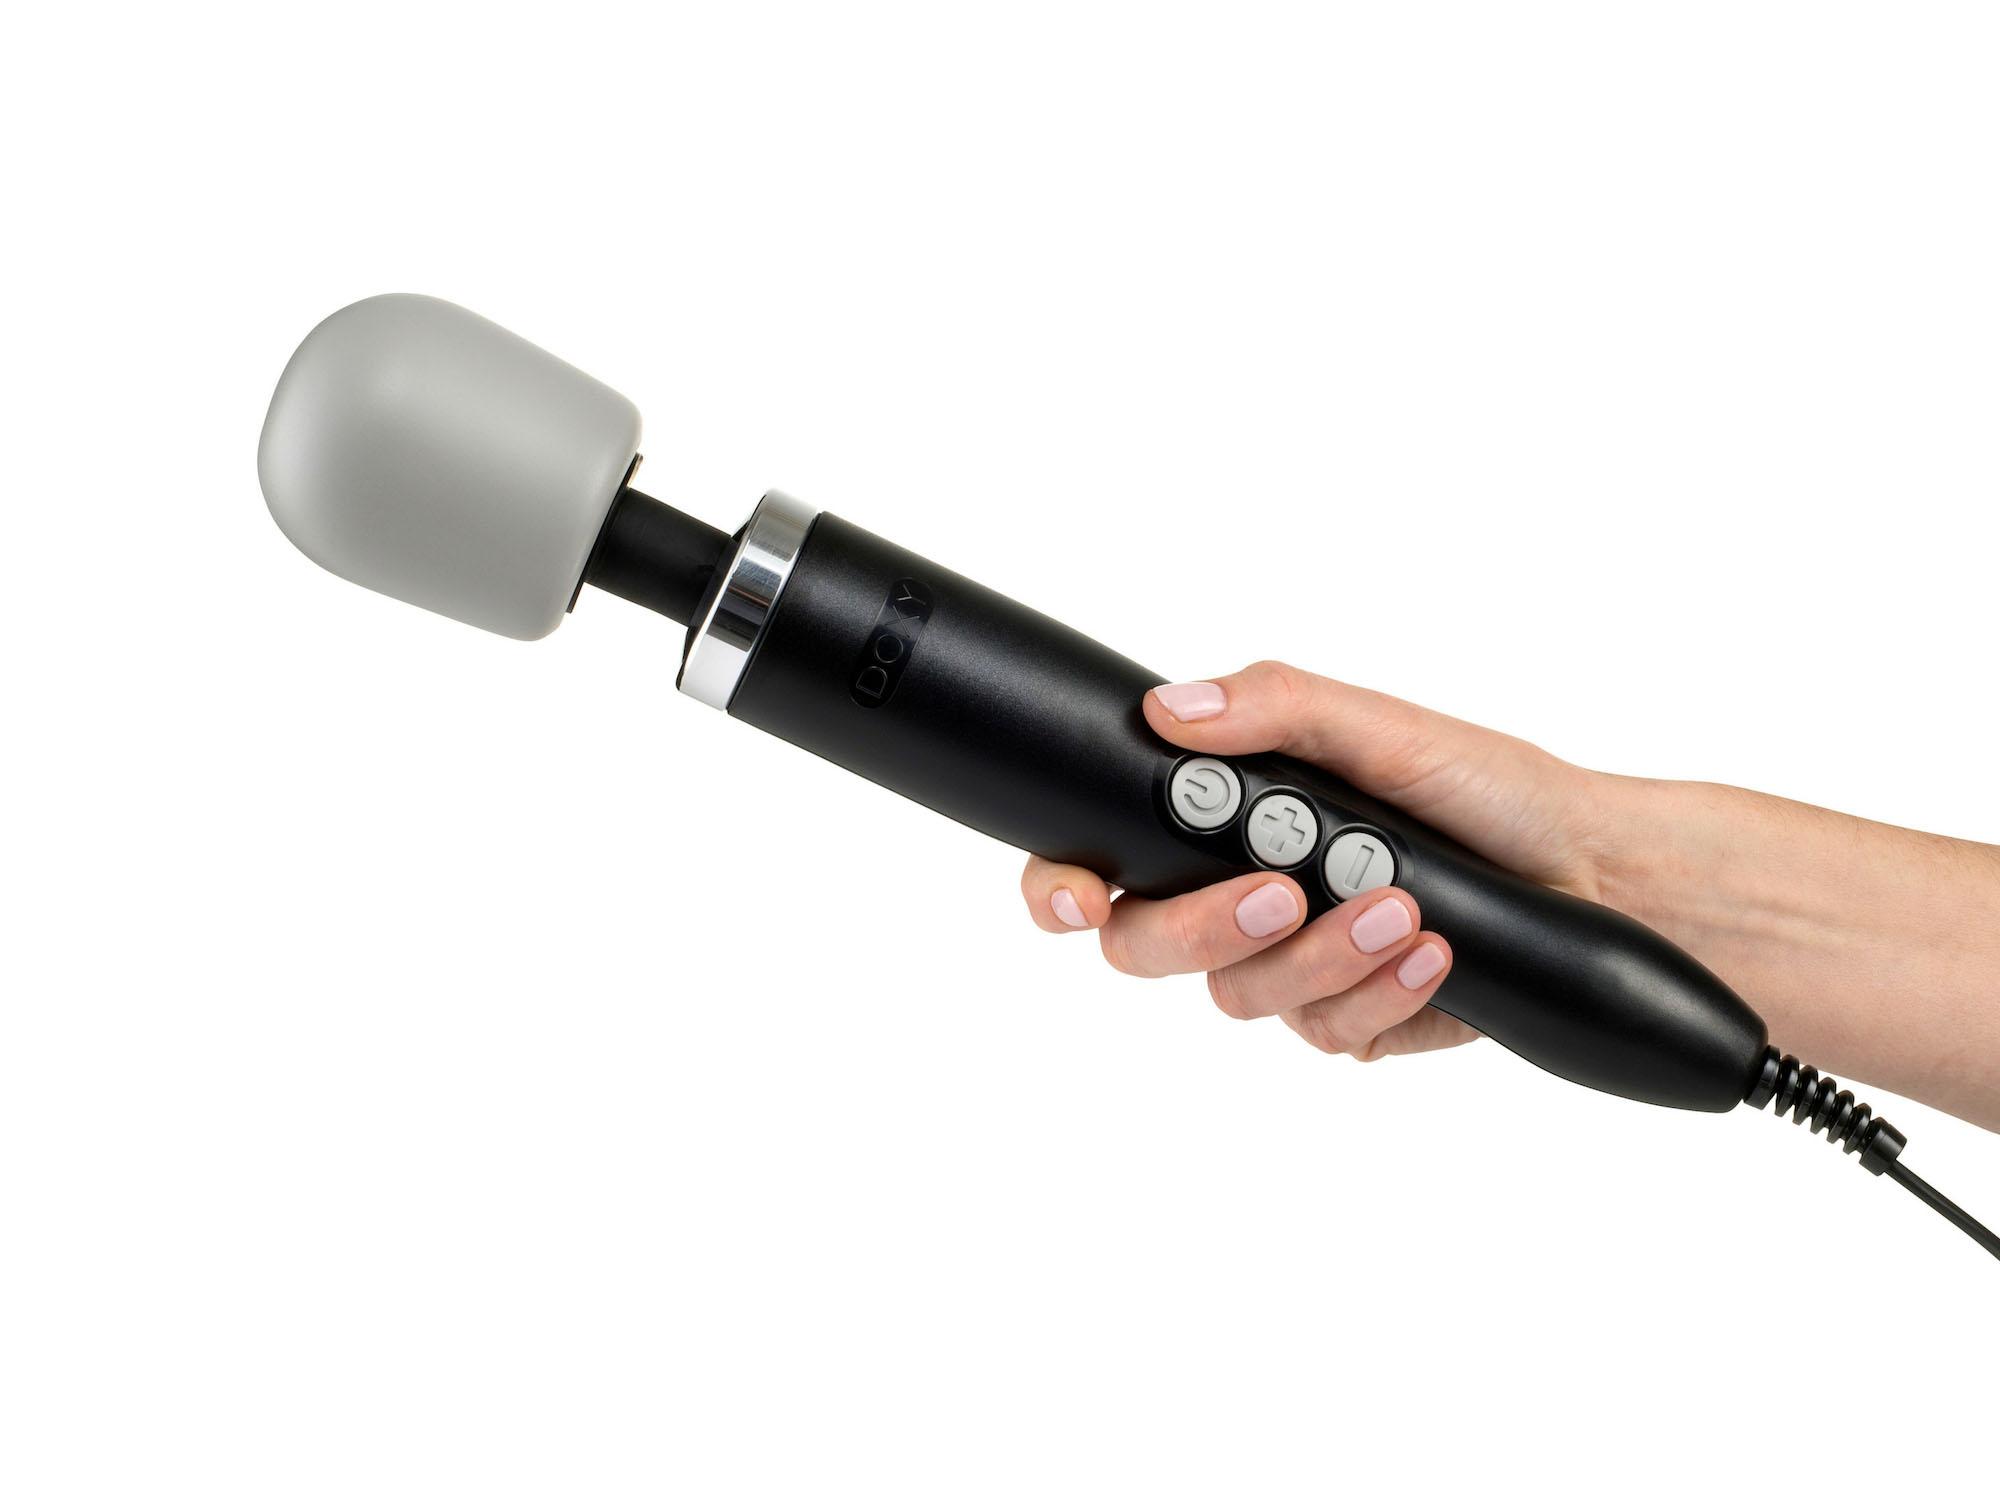 DOXY Wand Massager Black 34 cm